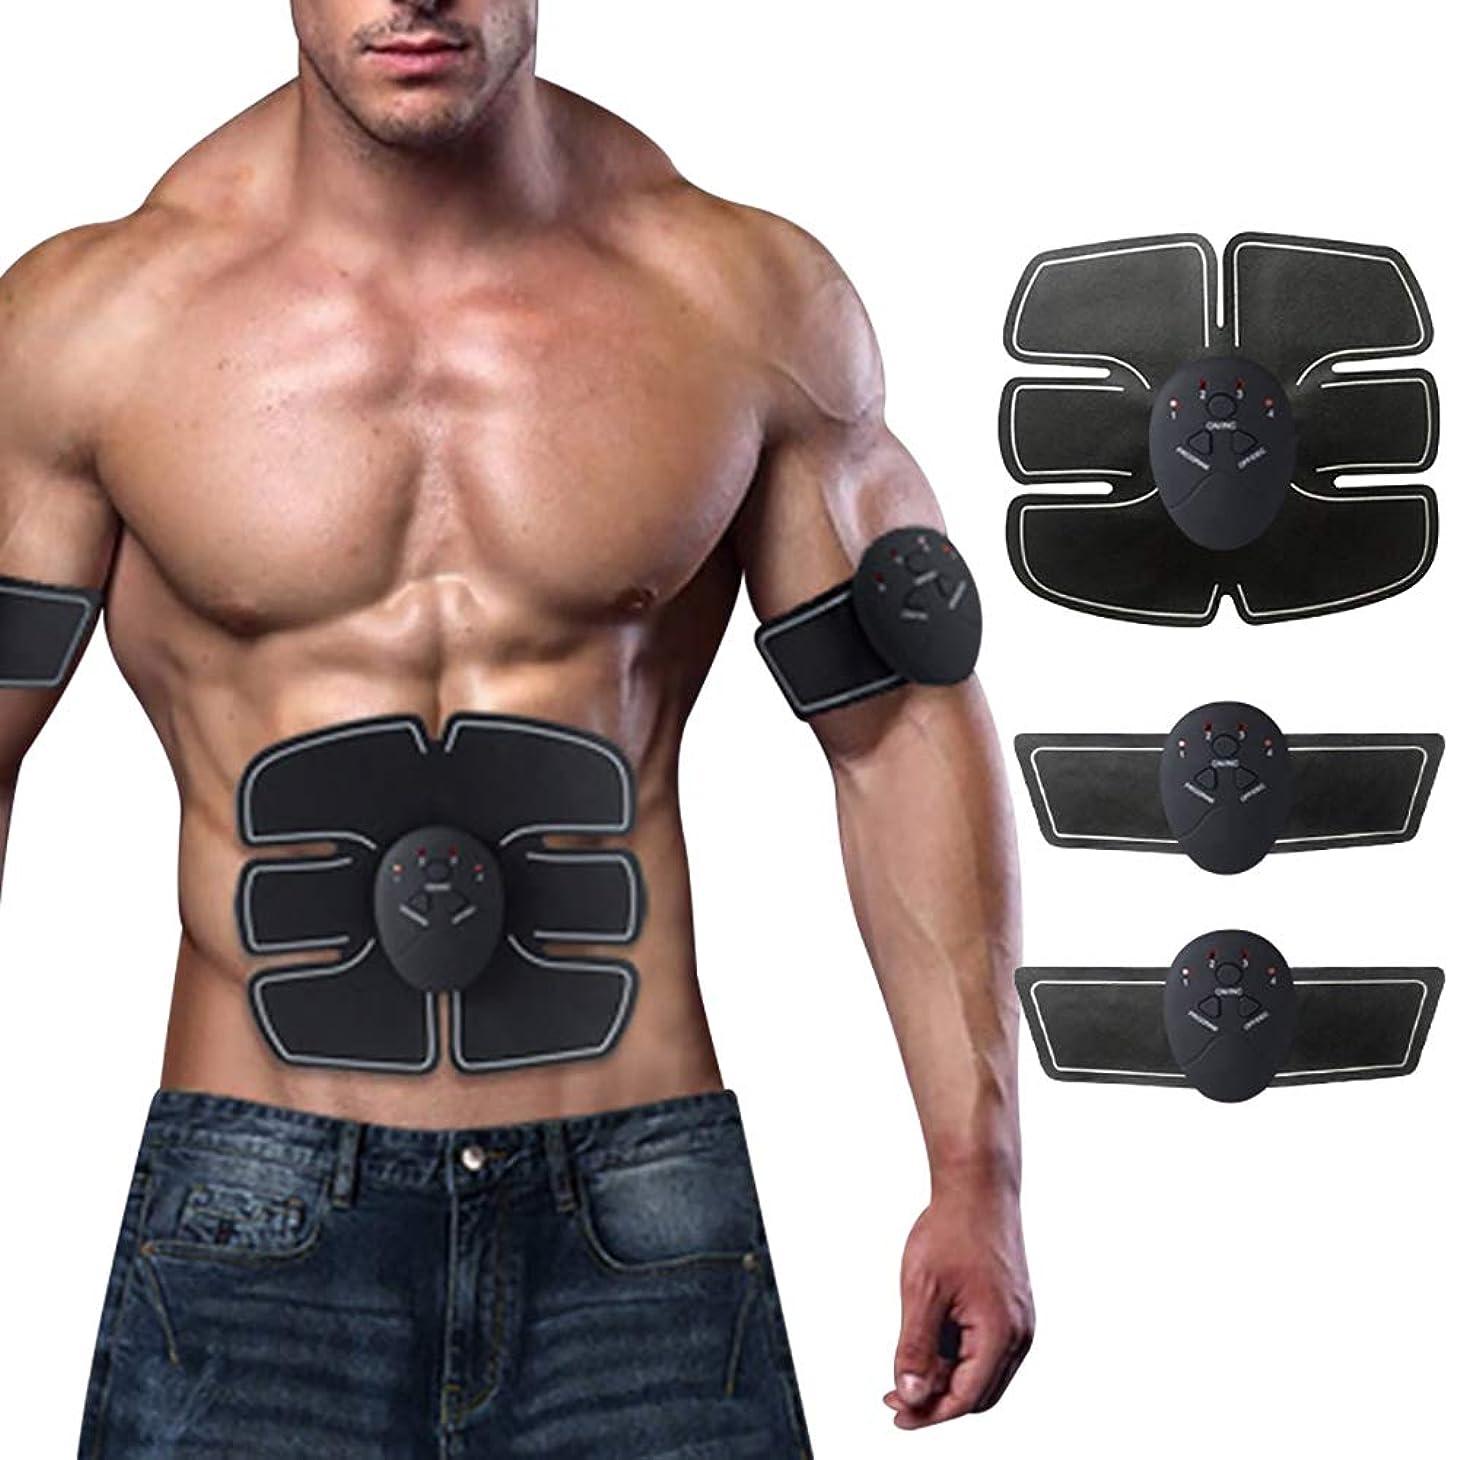 神経衰弱パーティー急降下スマートフィットネス腹部器具、EMSテクノロジー腹部および腕筋刺激トレーナー筋肉運動怠Exerciseな家族フィットネス機器,A,Charging